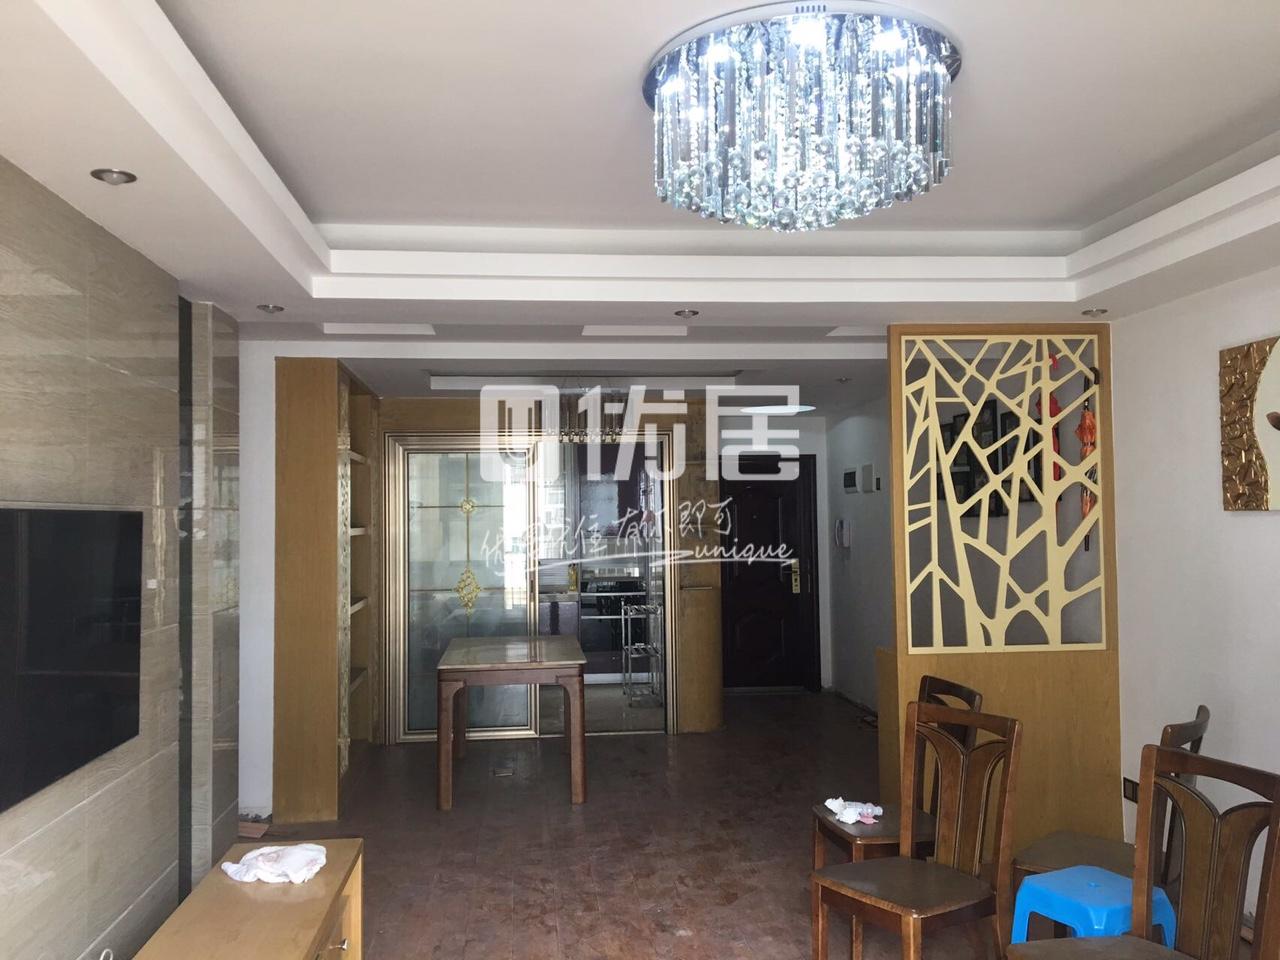 龙腾嘉园楼中楼5室2厅4卫2阳99.8万元